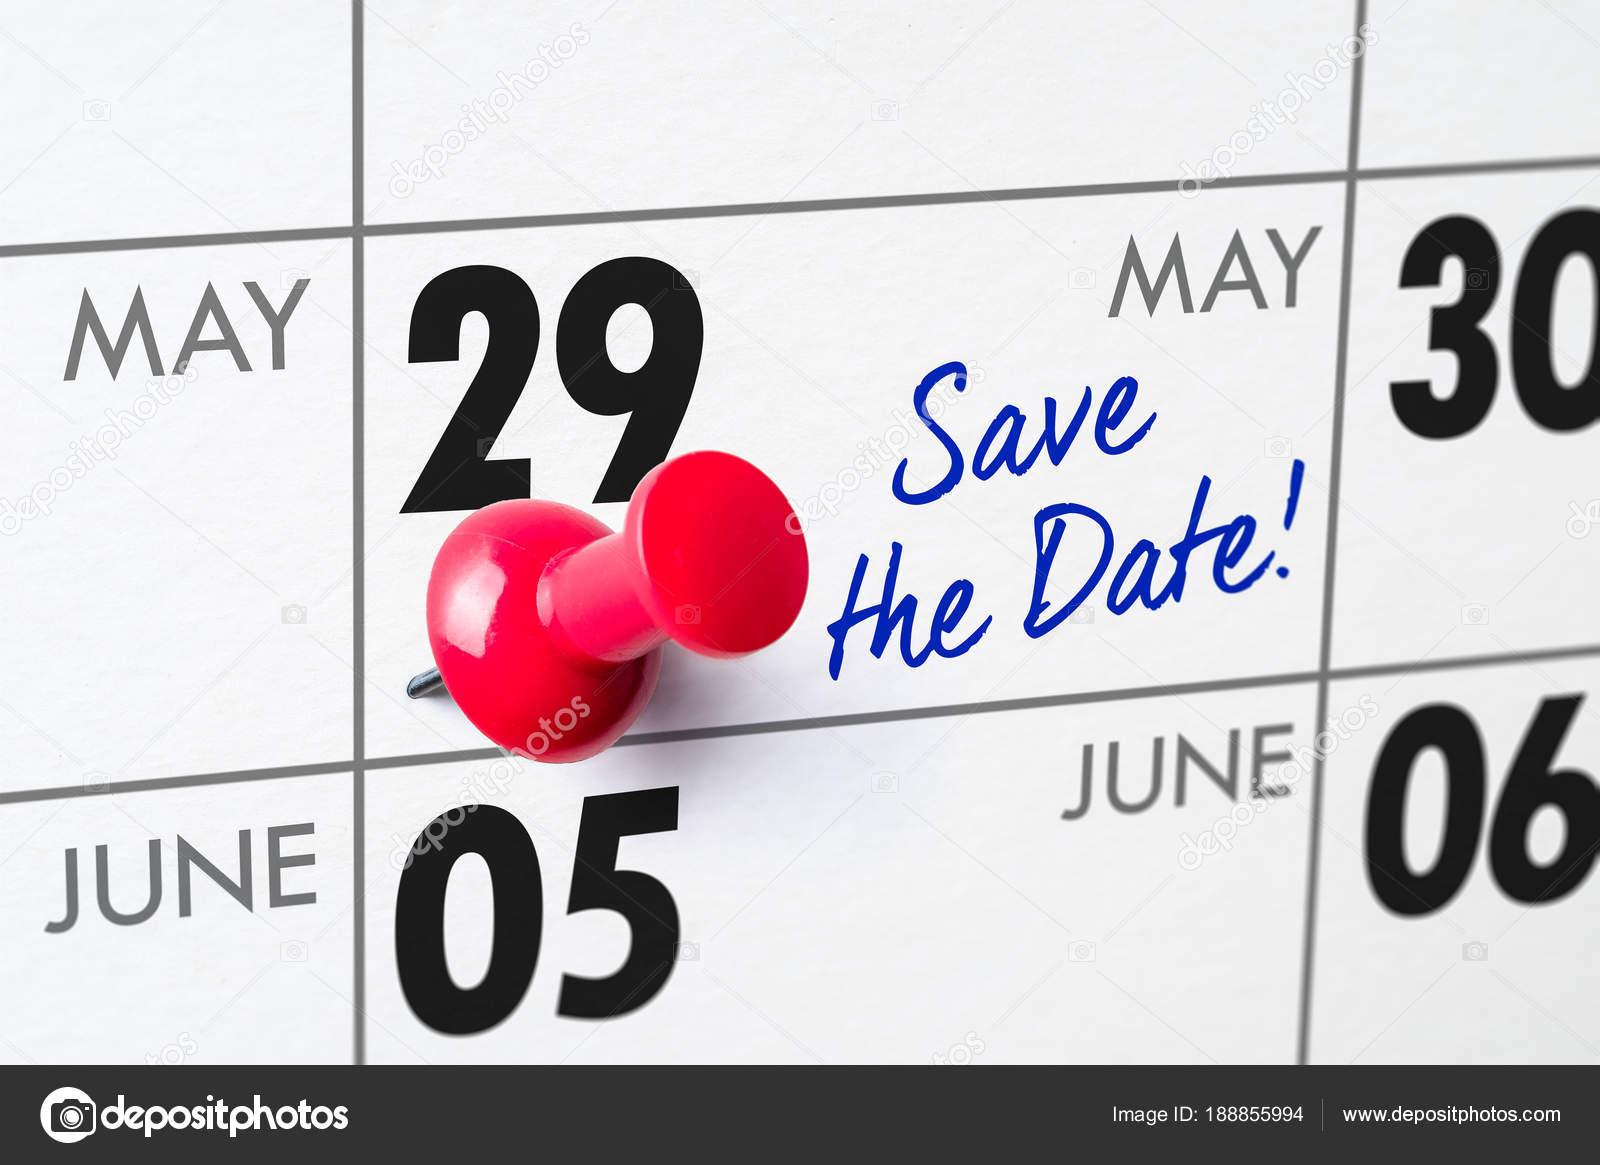 wandkalender mit einem roten stift 29 mai stockfoto zerbor 188855994. Black Bedroom Furniture Sets. Home Design Ideas